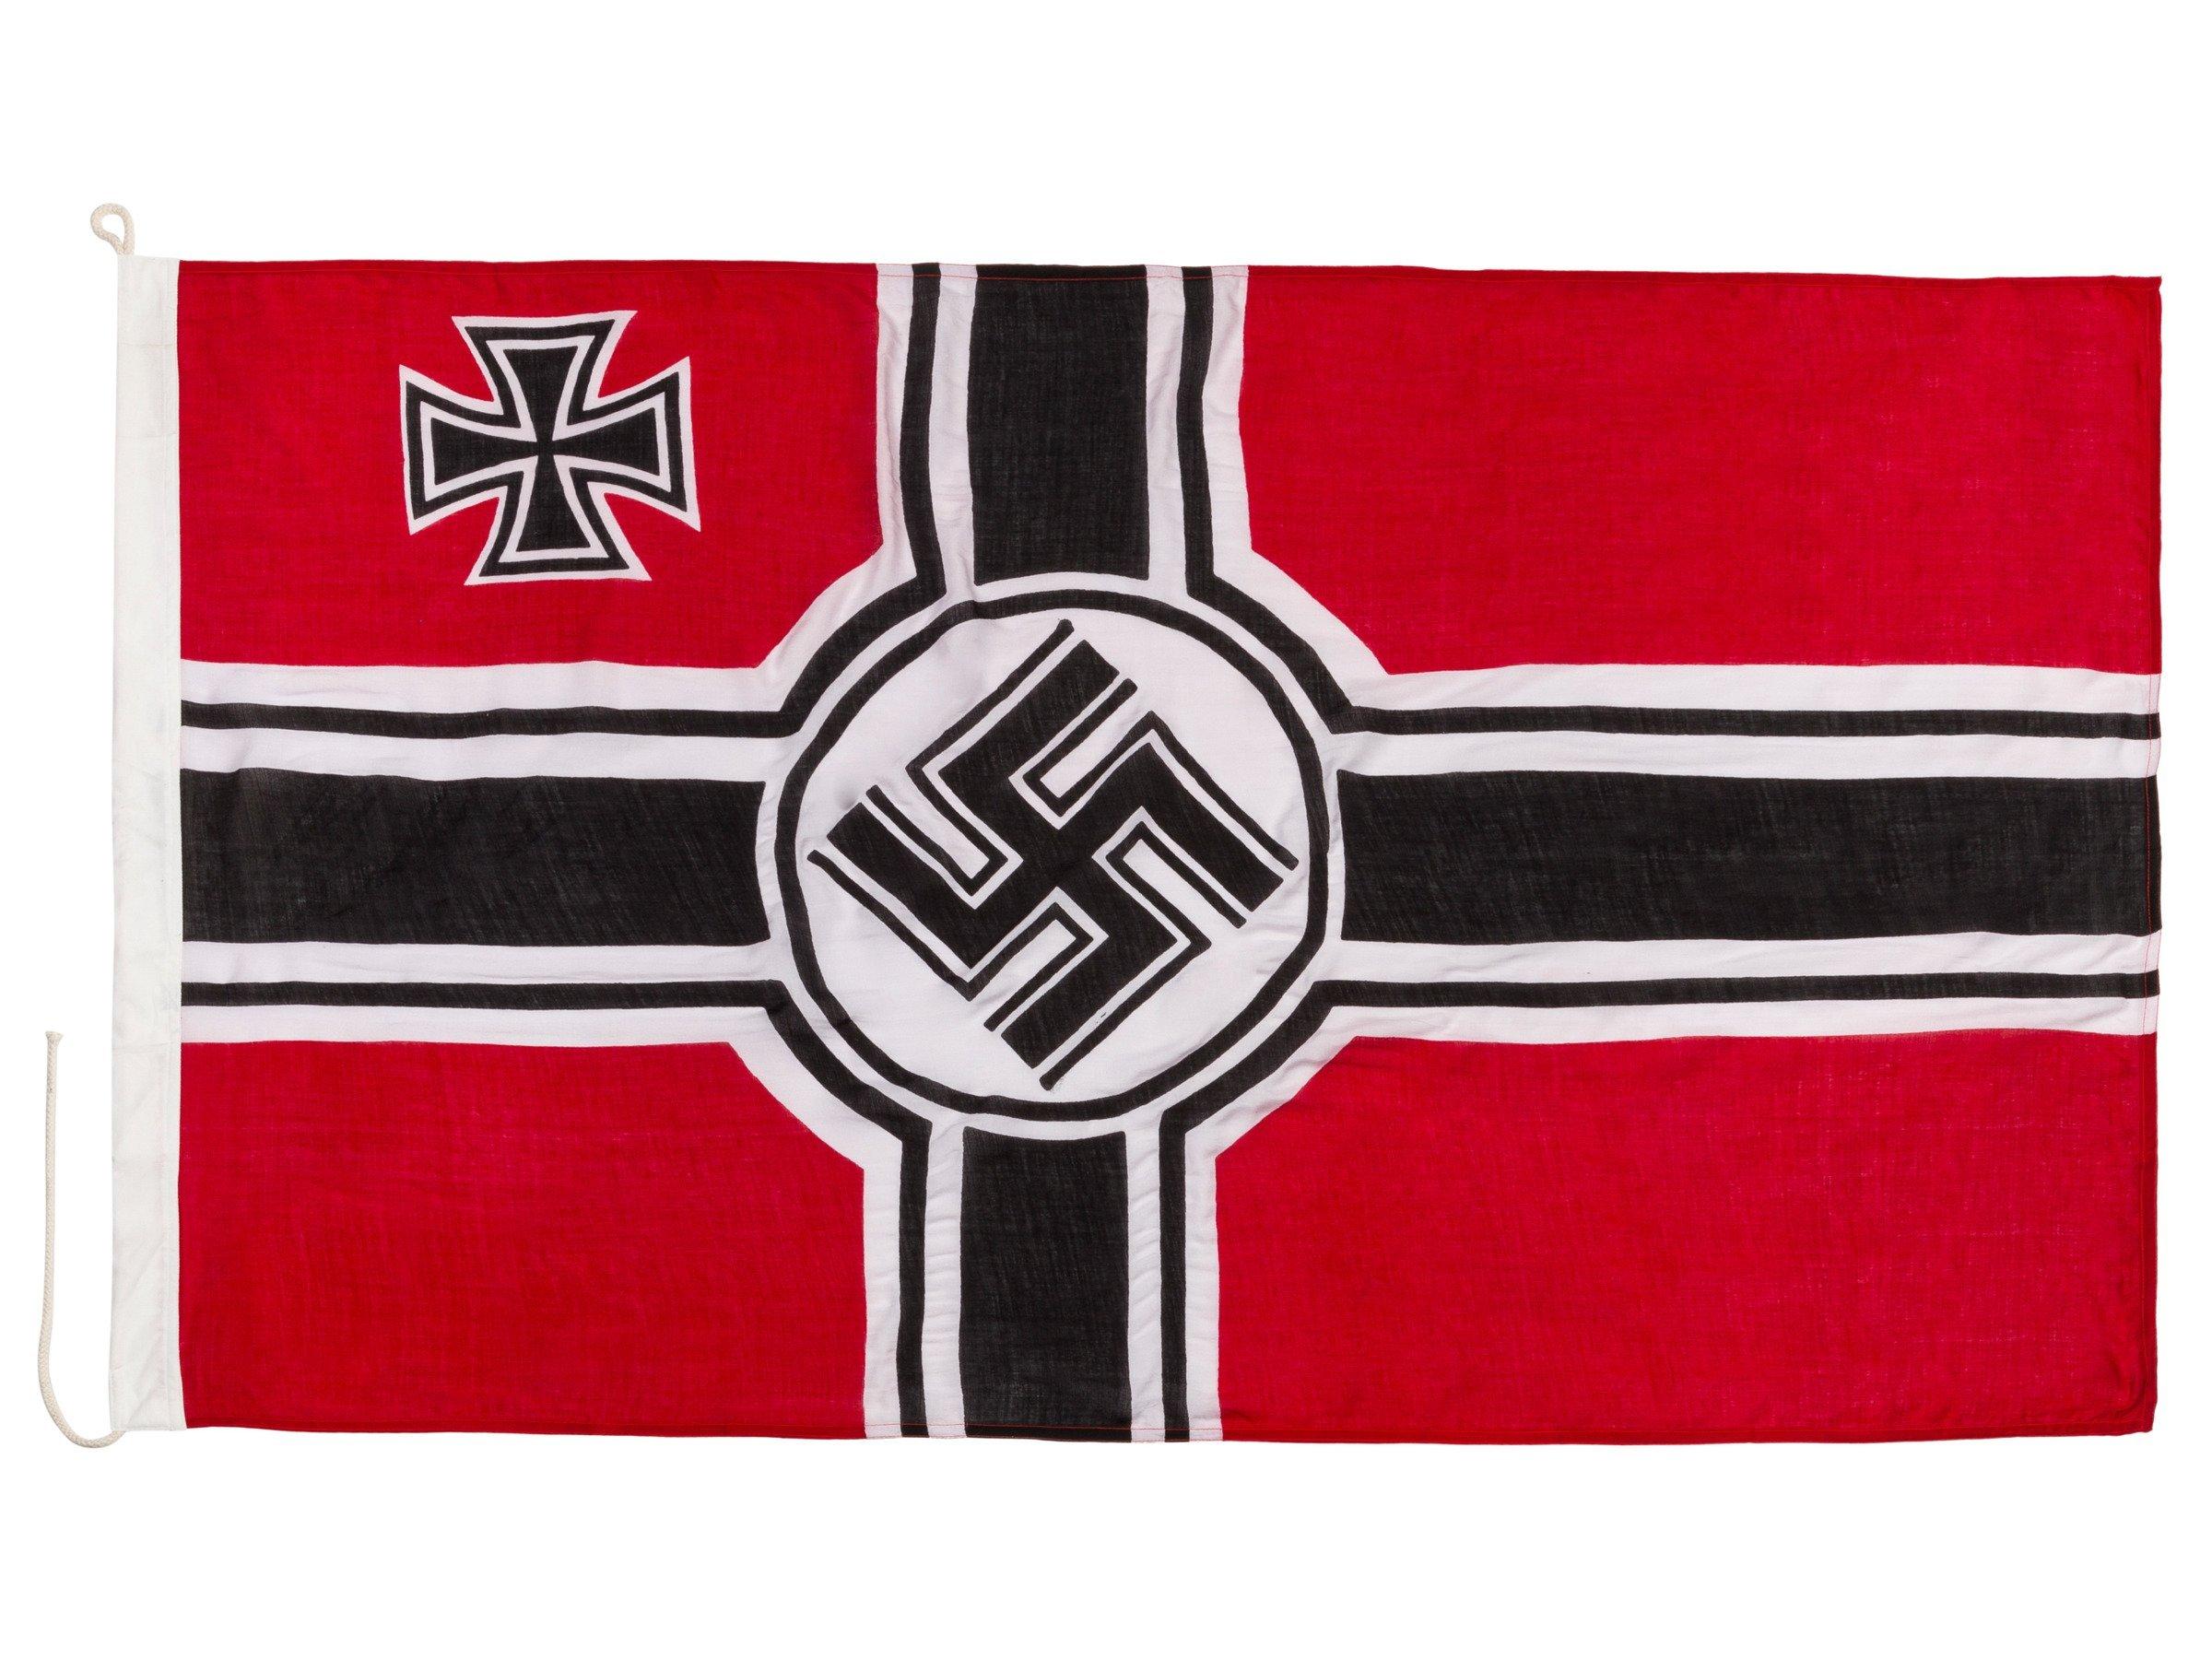 Reichskriegsflagge - WW2 German war flag - big - repro